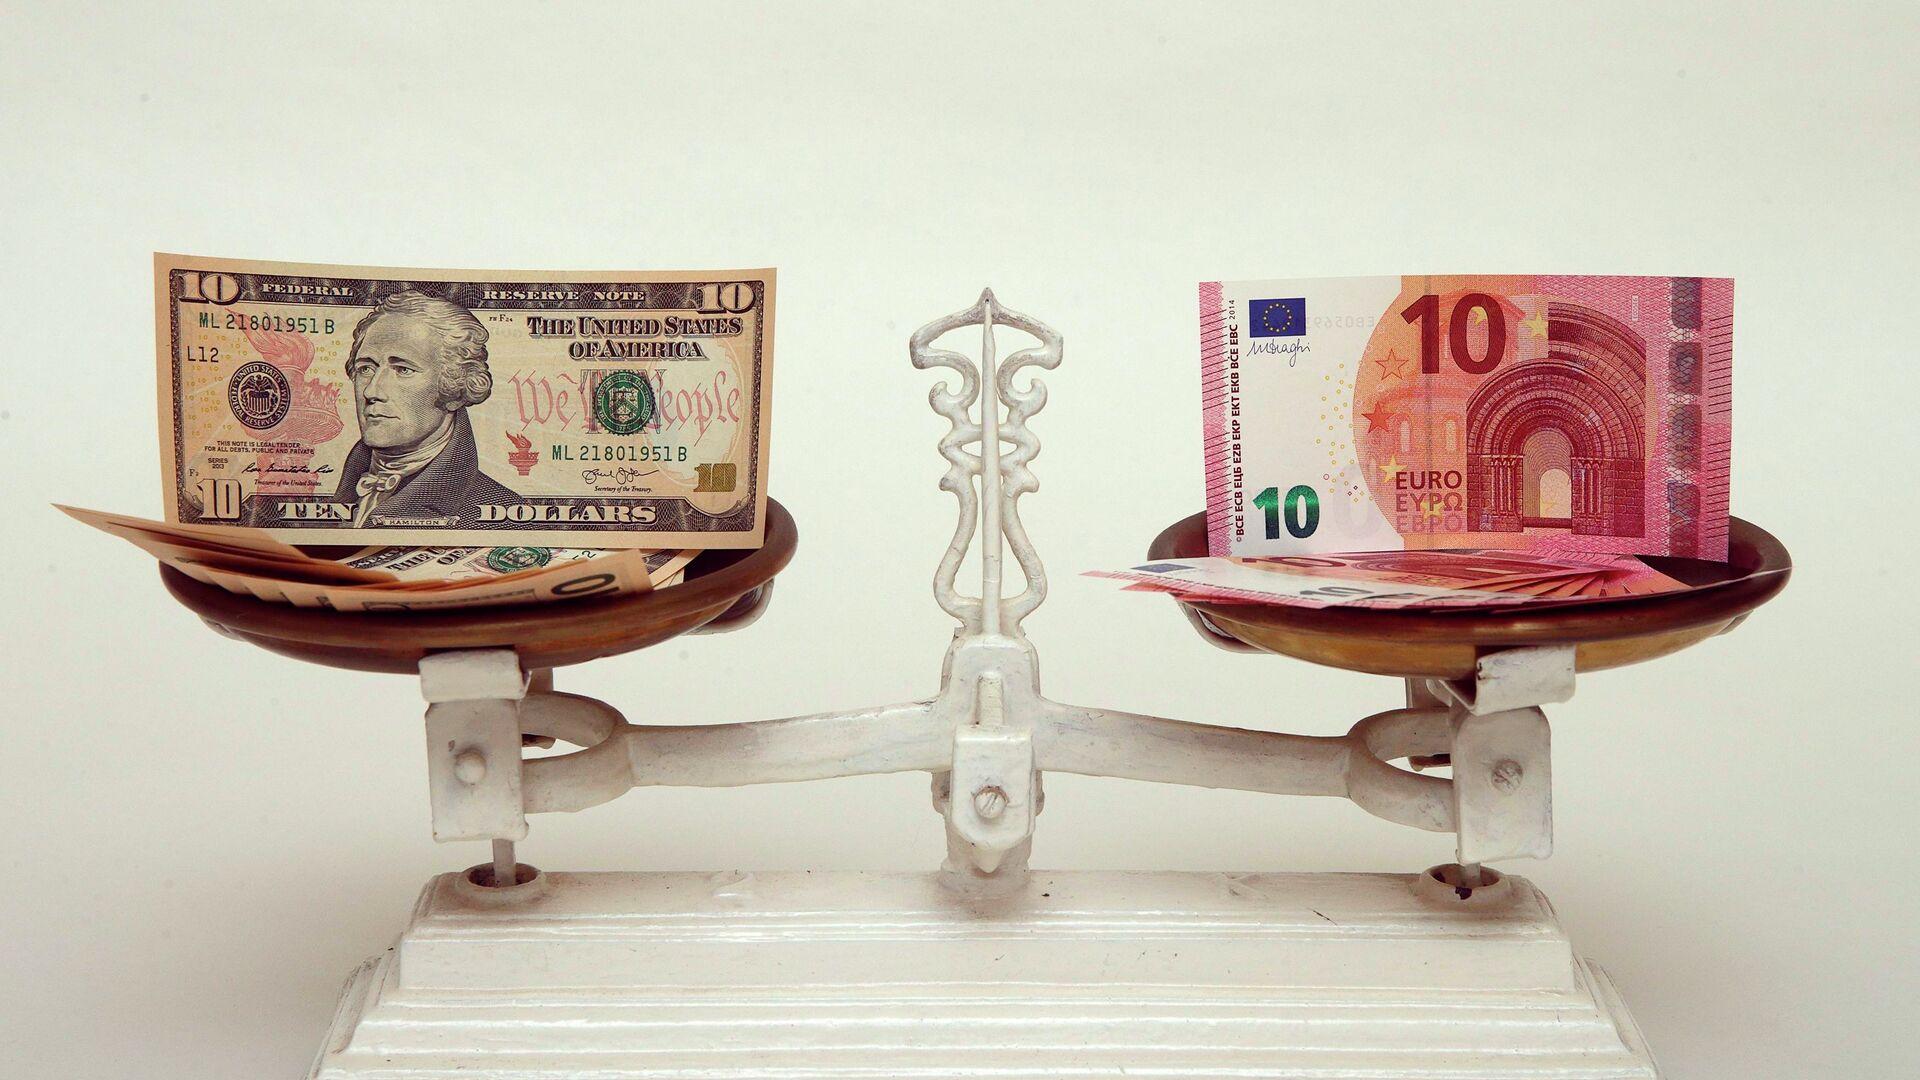 Dólar y euro en la báscula  - Sputnik Mundo, 1920, 22.08.2021